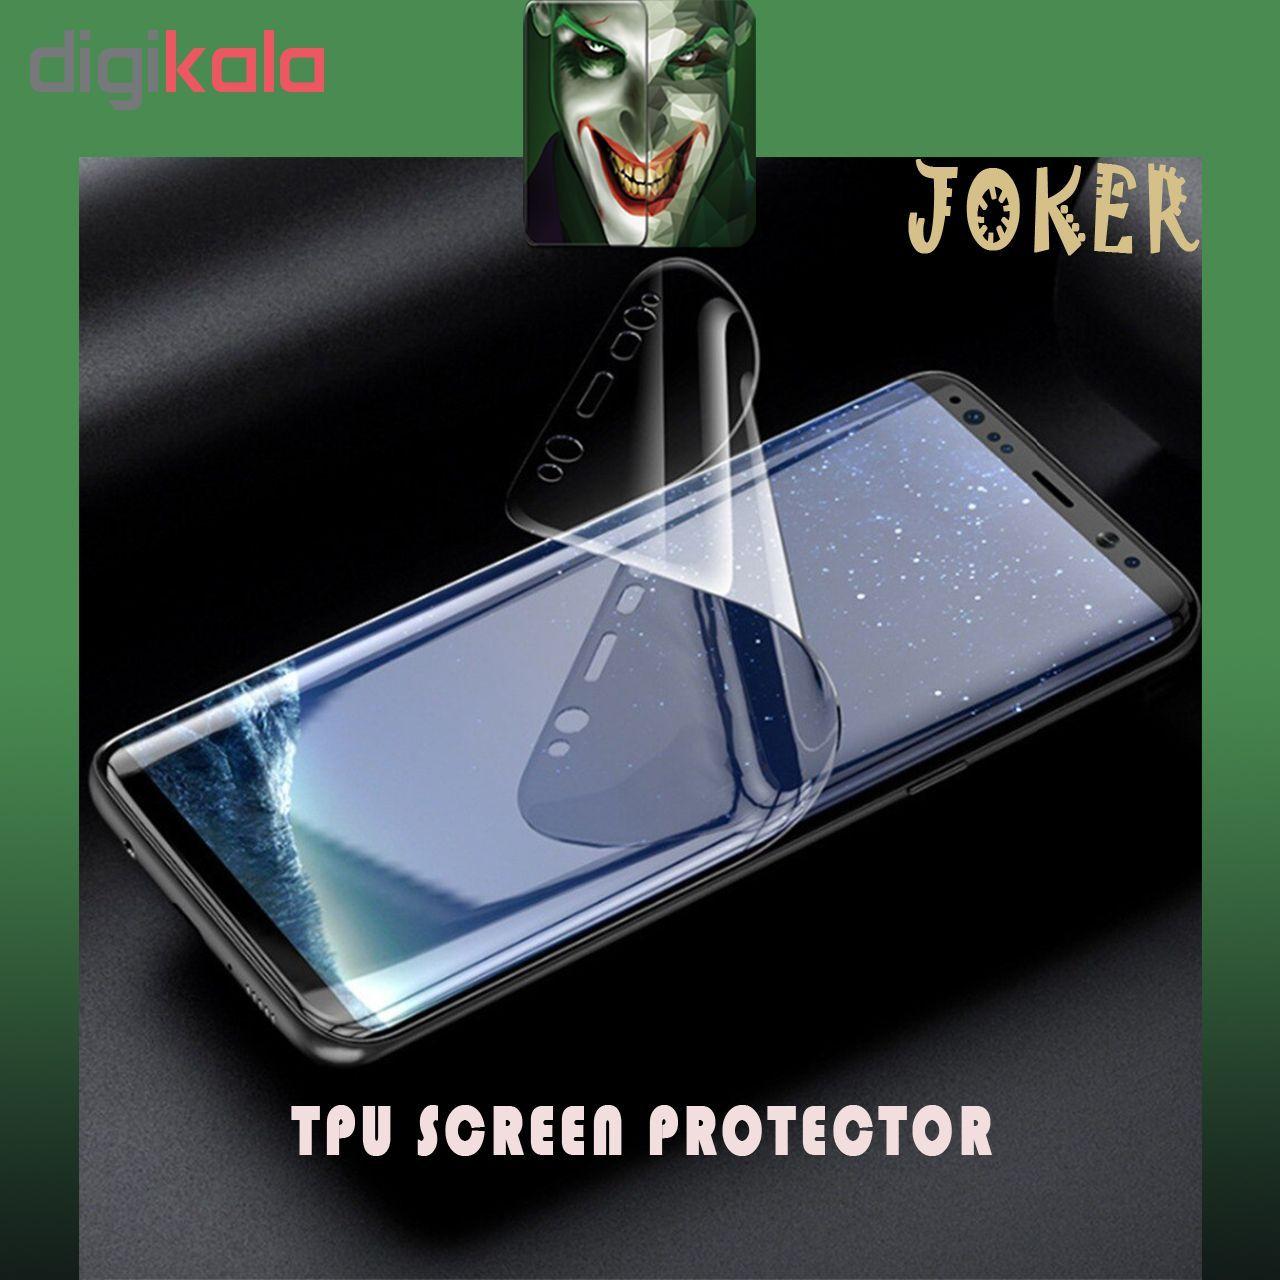 محافظ صفحه نمایش و پشت گوشی جوکر مدل FUM-01 مناسب برای گوشی موبایل اپل Iphone Xs Max main 1 3